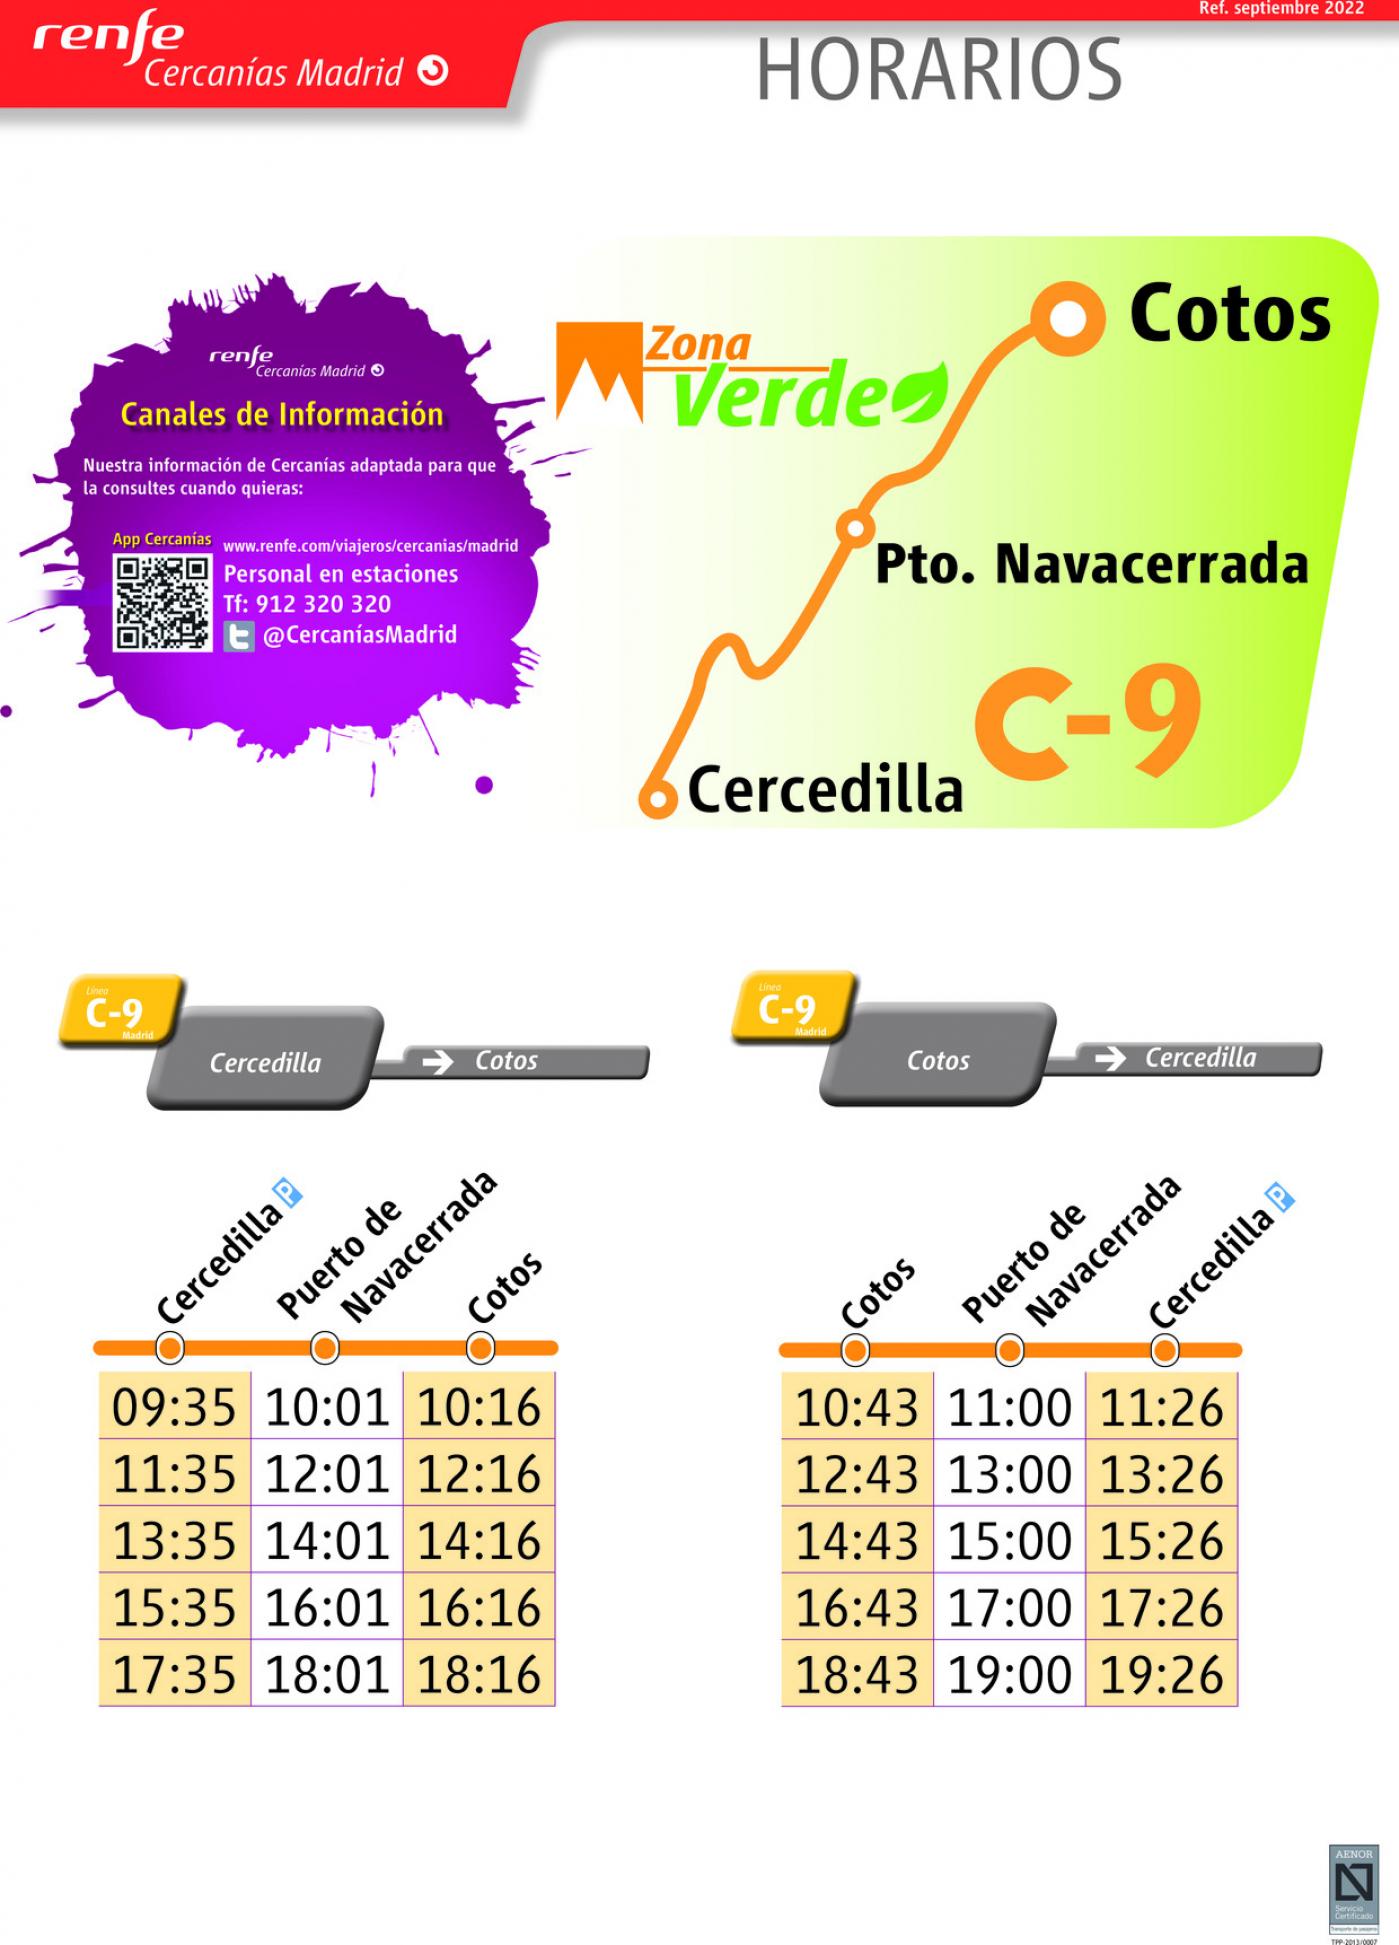 Tabla de horarios y frecuencias de paso en sentido ida Línea C-9: Cercedilla - Cotos